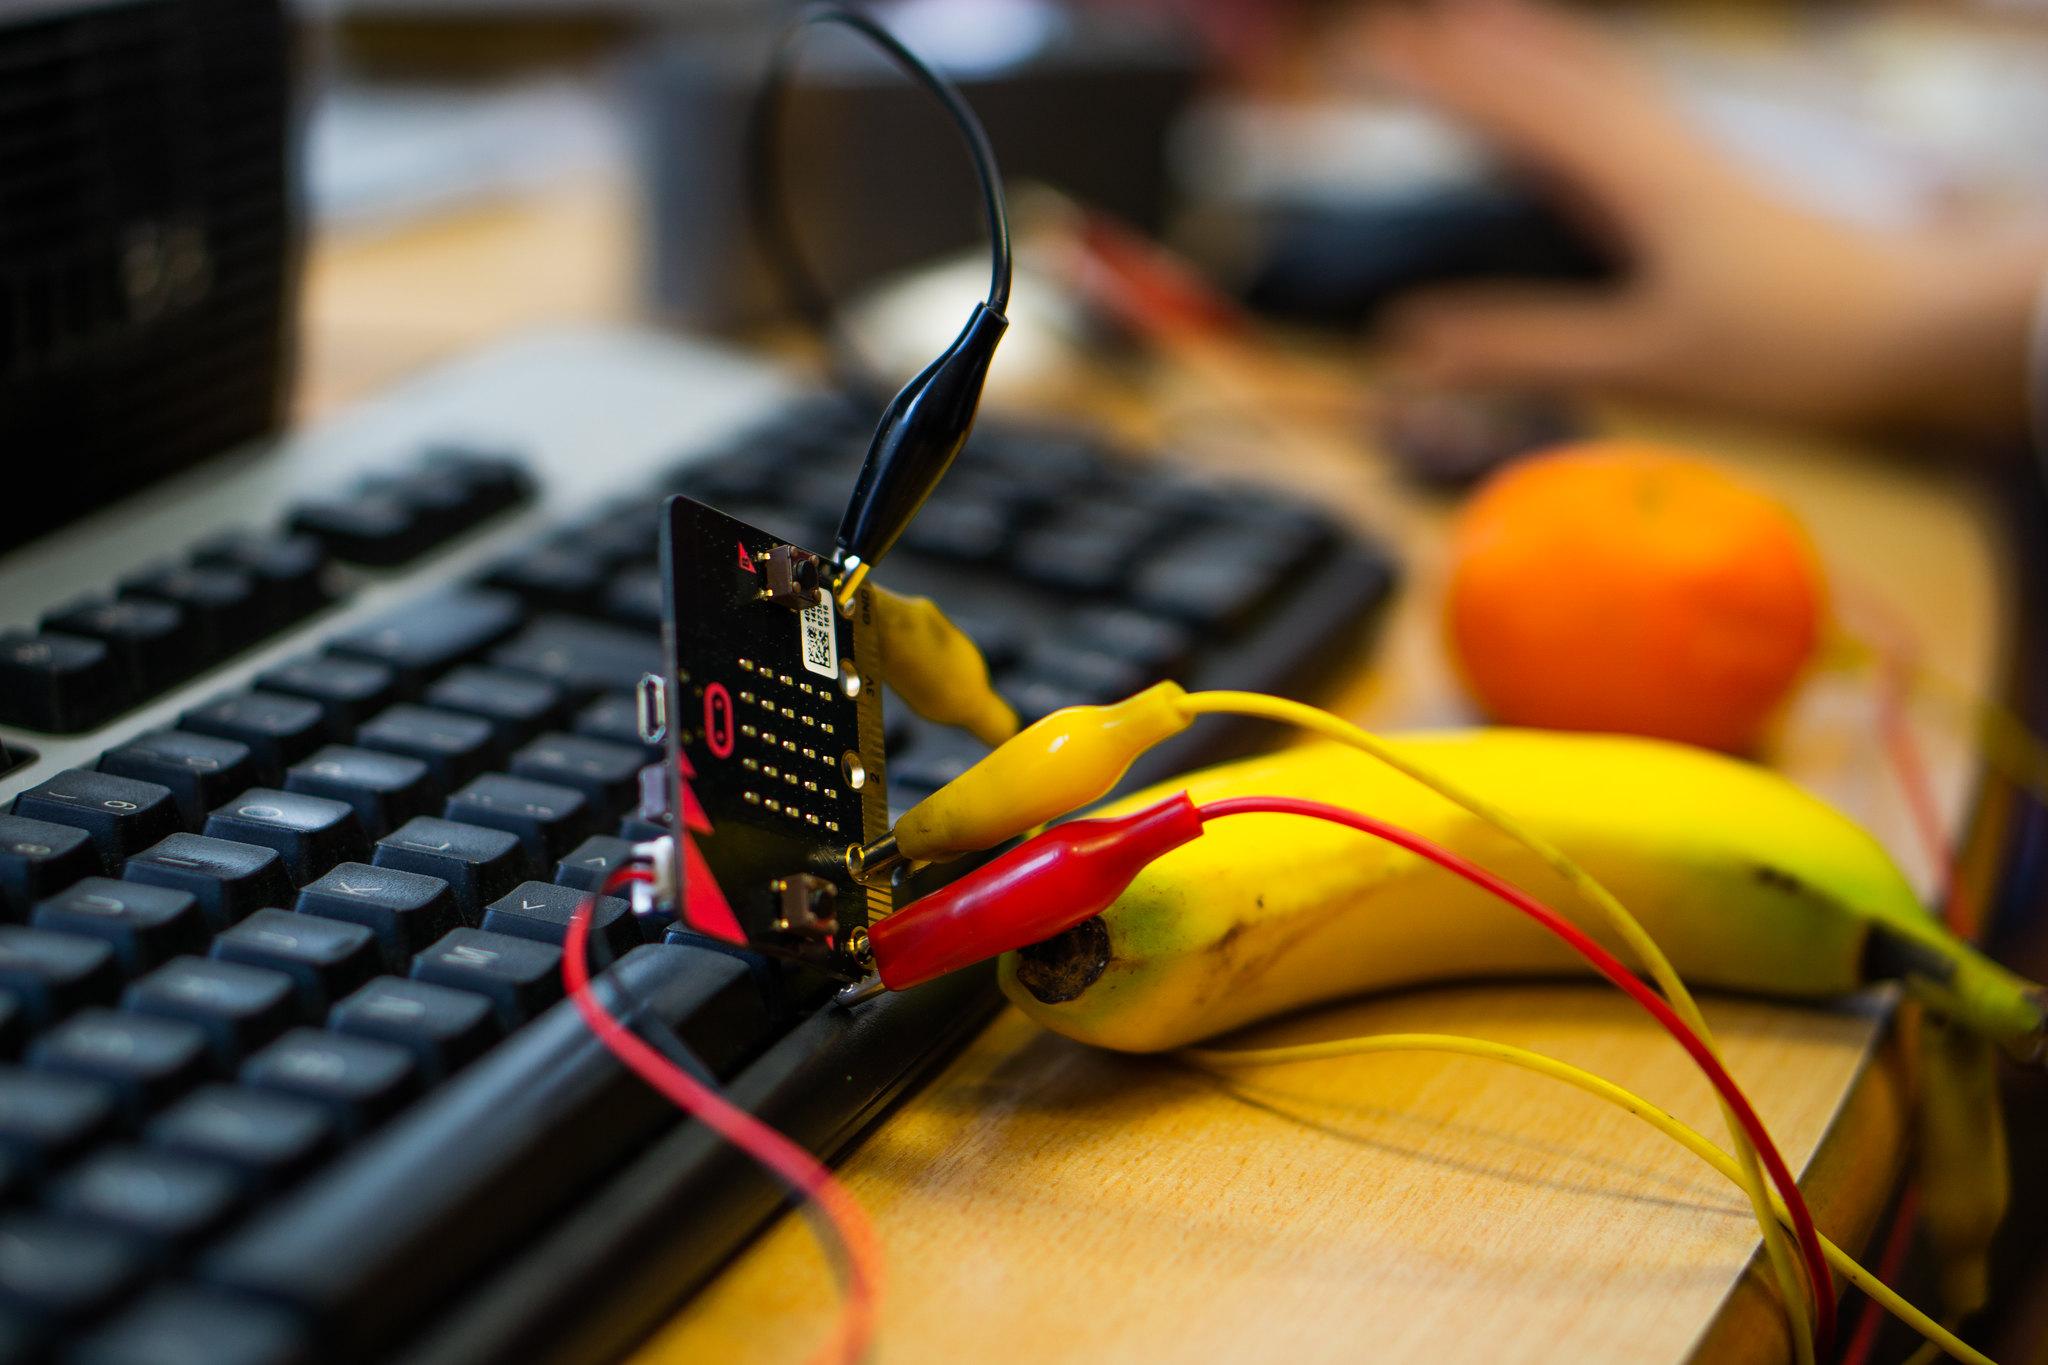 Fruit powered electronics